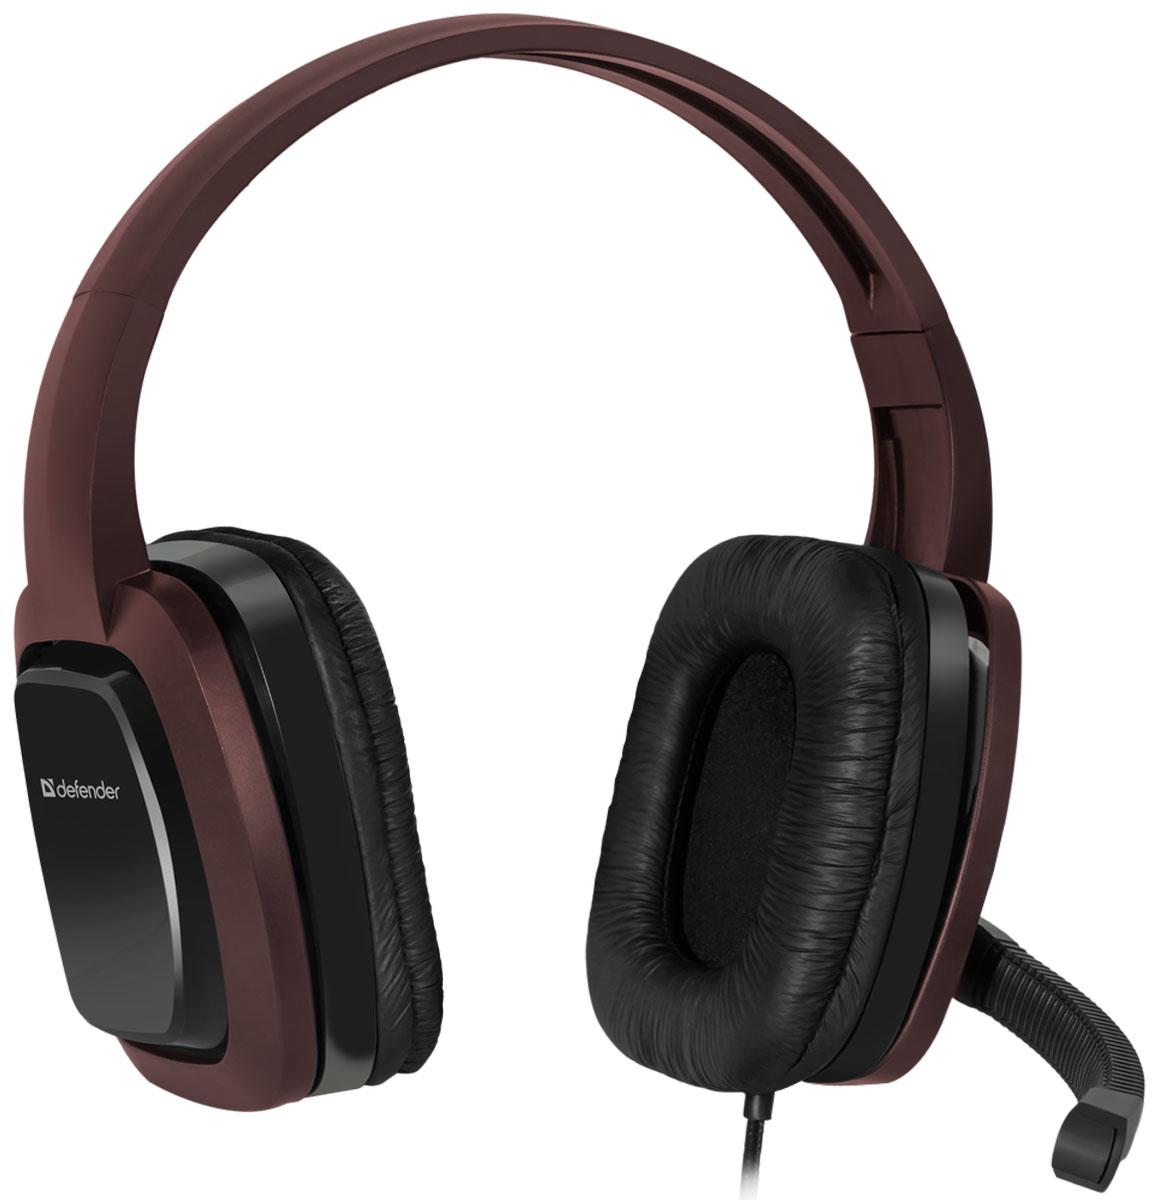 Defender Warhead G-250, Brown игровая гарнитура64120Игровая гарнитура Defender Warhead G-250 предназначена для компьютеров нового поколения, использующих комбинированный четырехпиновый разъем для наушников и микрофона. Наушники закрытого типа с большими 40 мм динамиками гарантируют мощный чистый звук. На кабеле гарнитуры удобно расположен регулятор громкости. Благодаря надежной звукоизоляции и комфортным амбюшурам вы сможете играть или слушать музыку с комфортом - ничто не будет вам мешать! Частотный диапазон микрофона: 20 Гц - 16 кГц Сопротивление микрофона: 2,2 кОм Чувствительность микрофона: 54 дБ